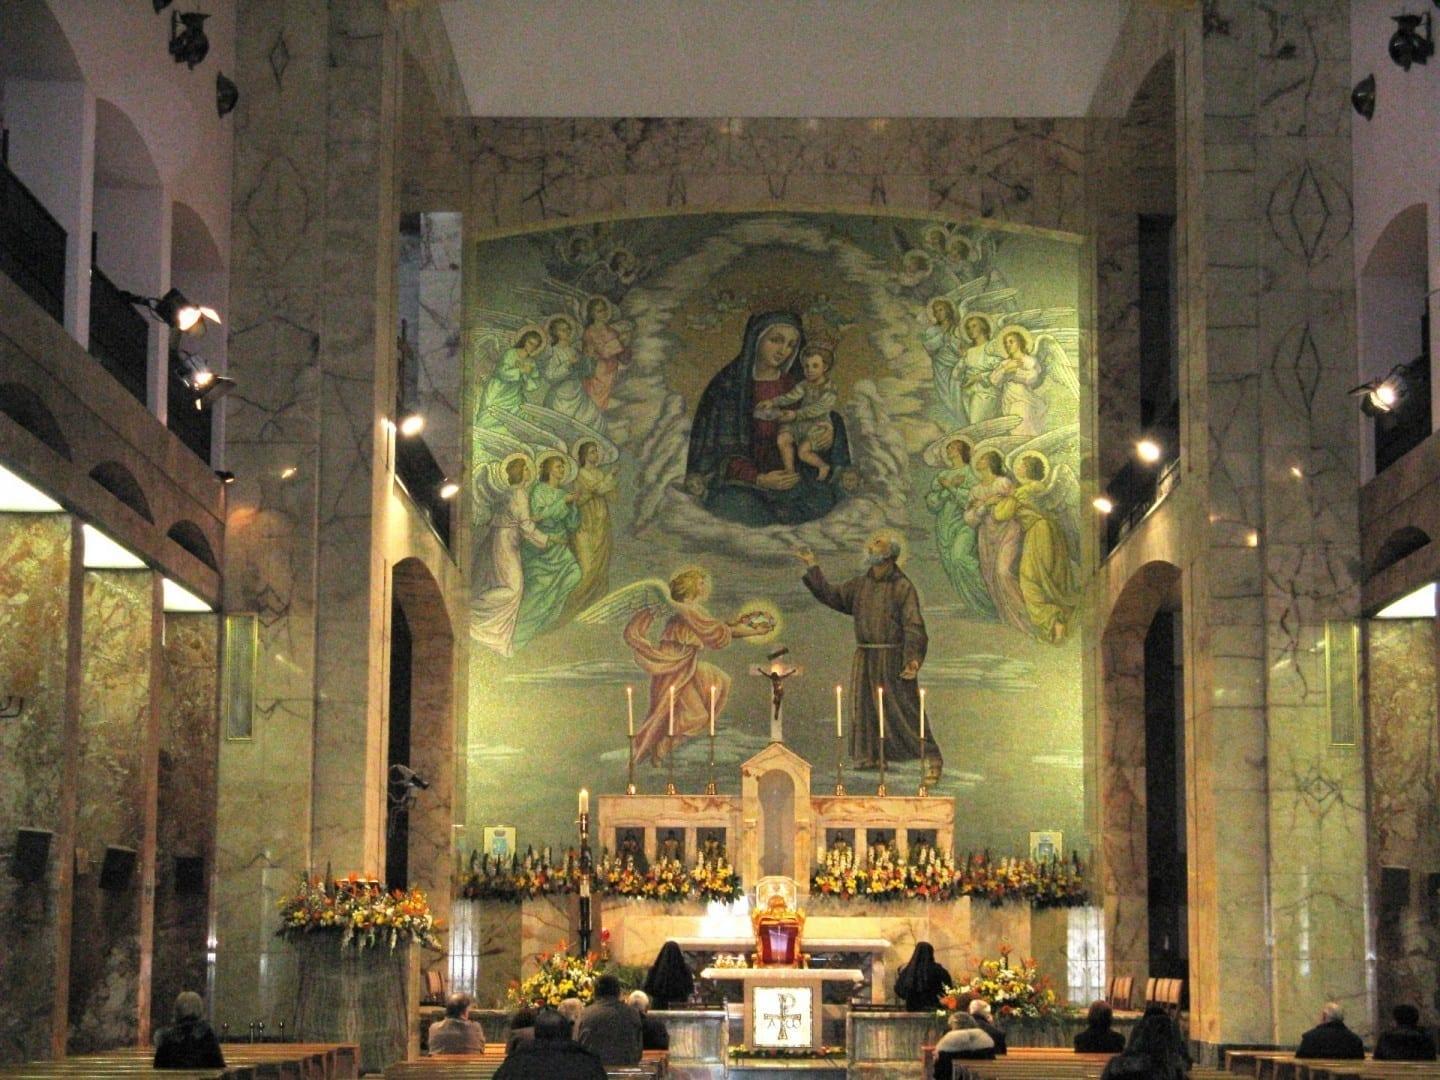 El altar de la Iglesia-Santuario de Santa María de las Gracias (Santa Maria delle Grazie) San Giovanni Rotondo Italia